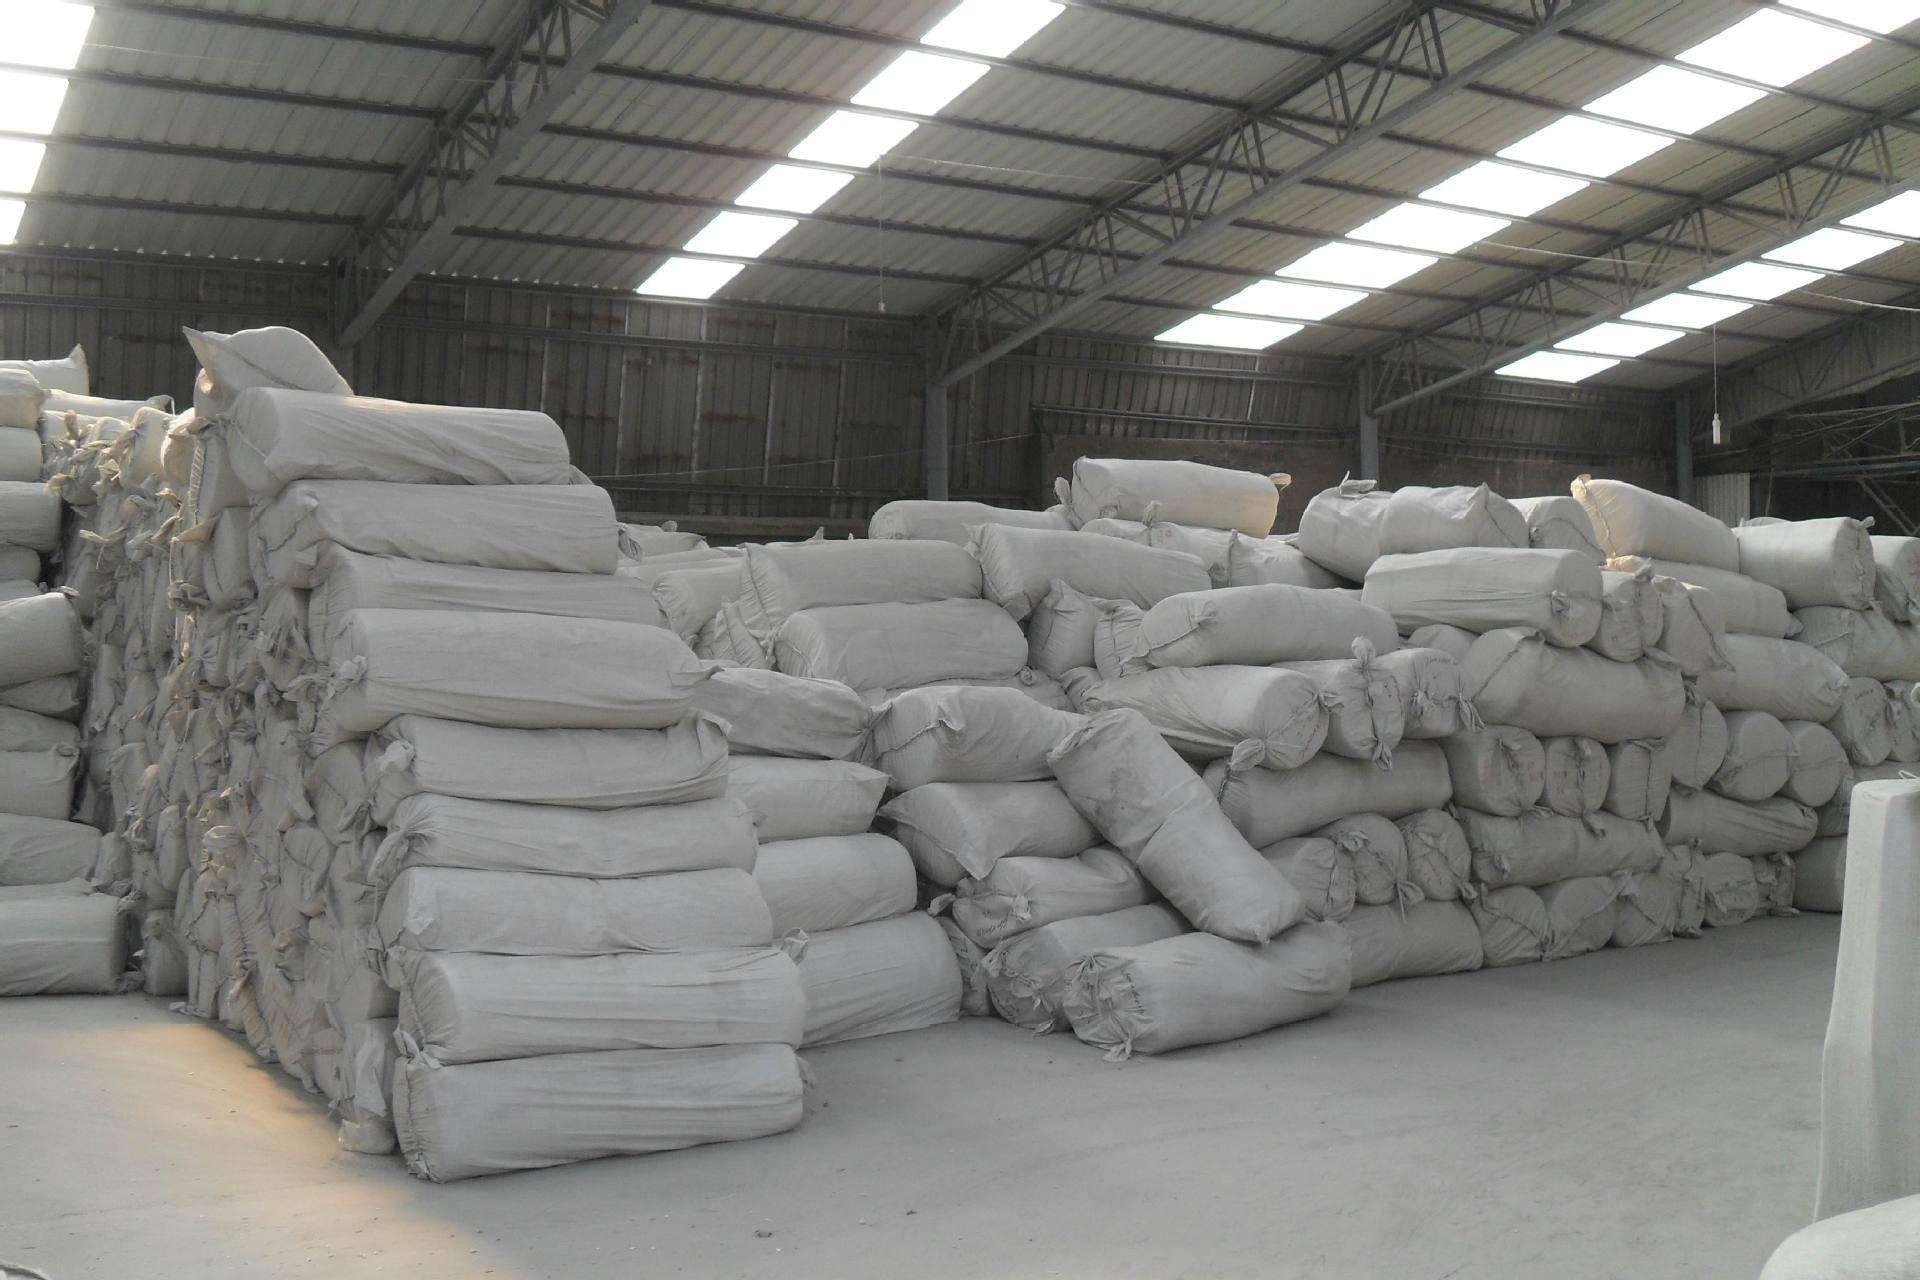 Will ceramic fiber blankets catch fire